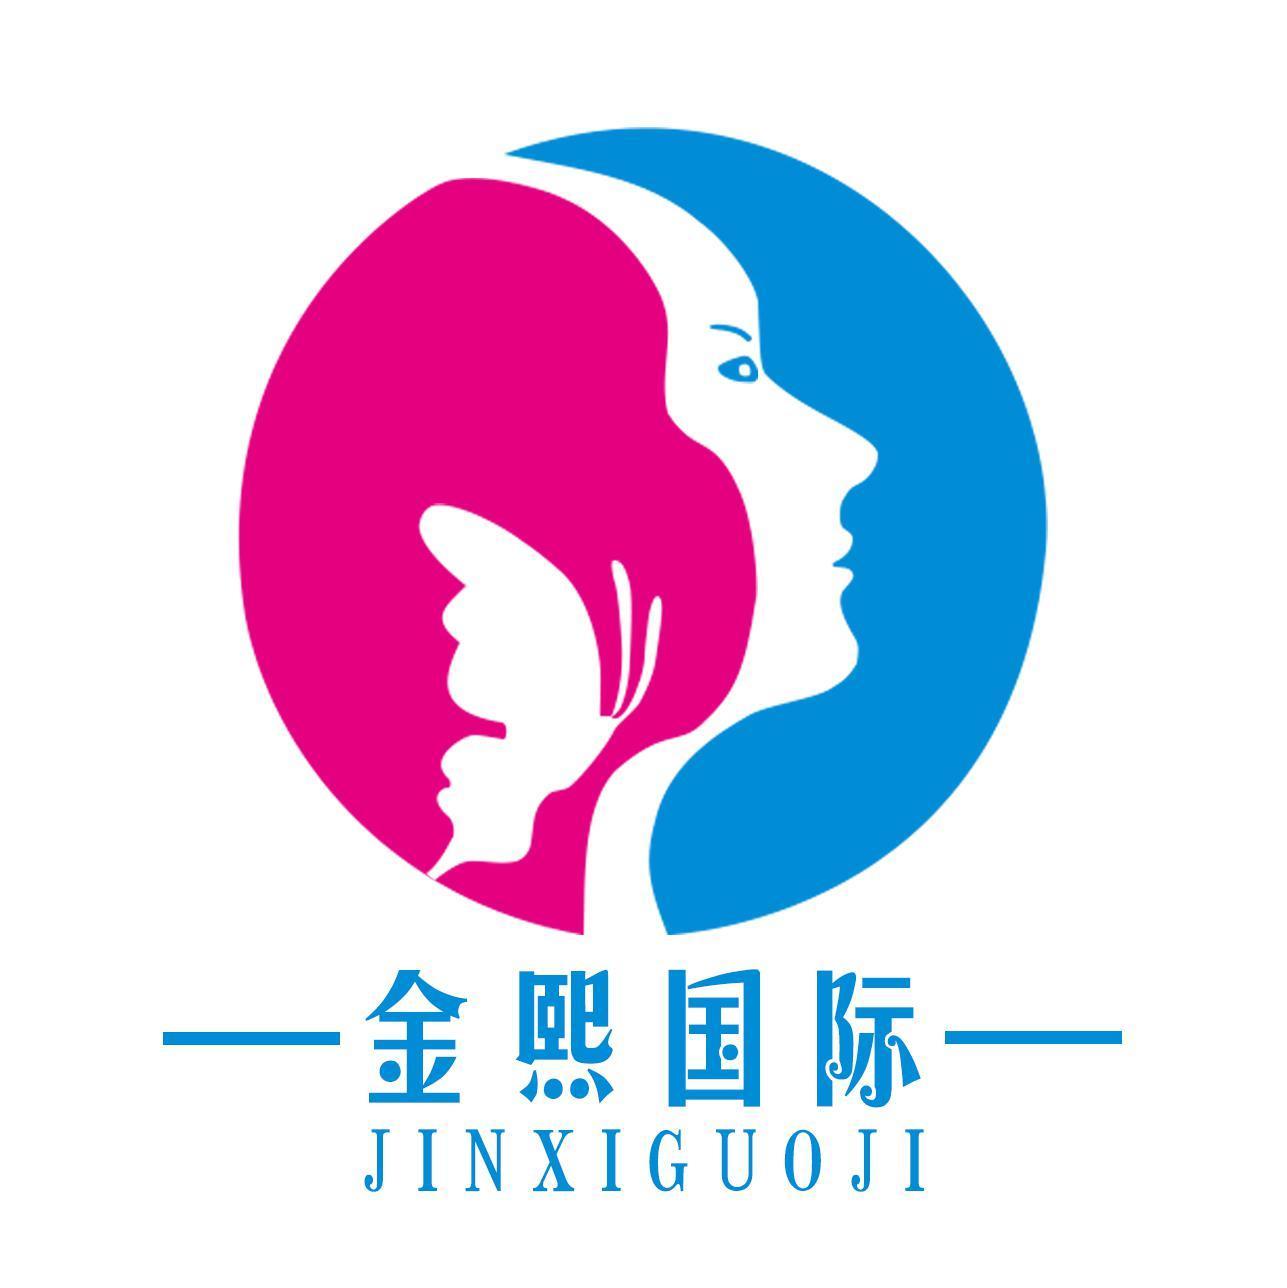 logo logo 标志 设计 矢量 矢量图 素材 图标 1287_1288